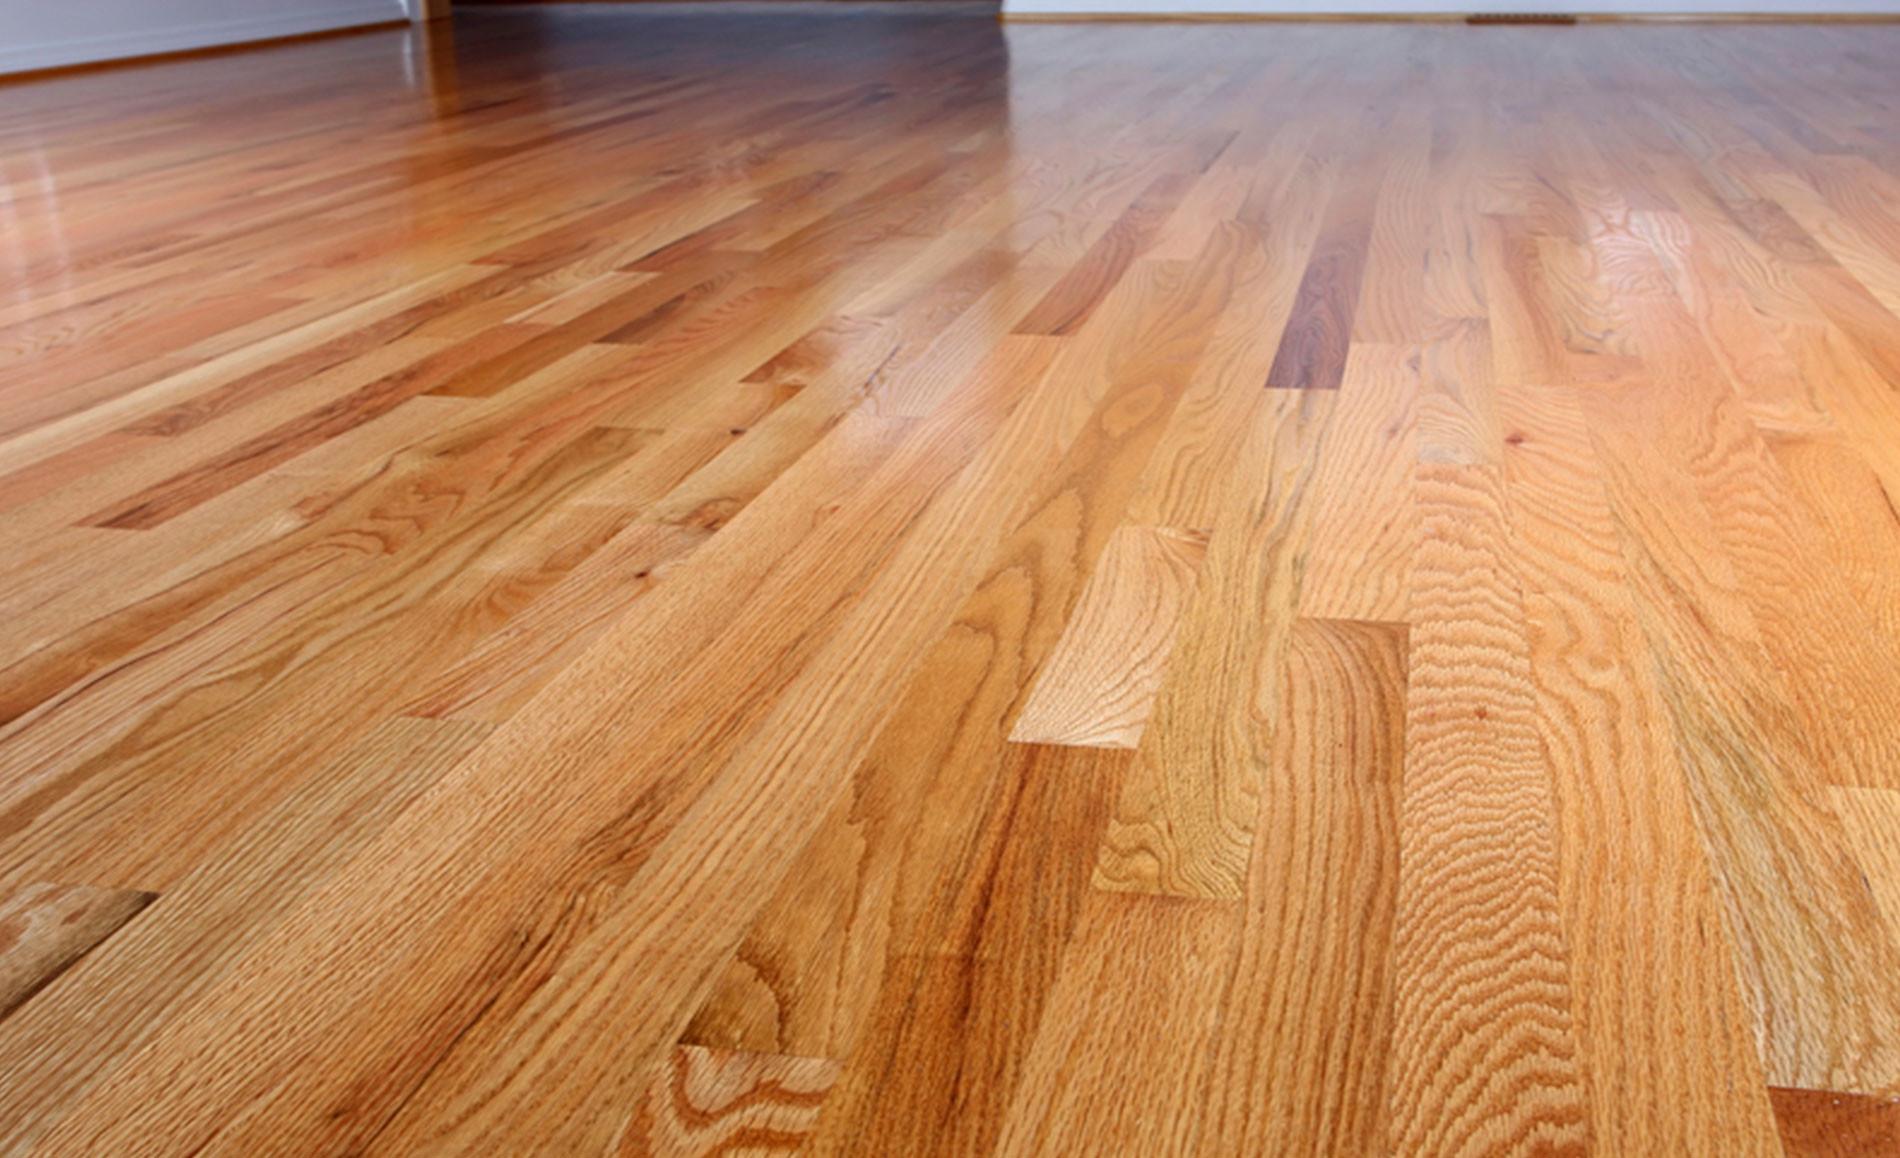 Hardwood Floor Refinishing Bridgeport Ct Of Mcwoodfloors Installing and Refinishing Hardwood Flooring In Livingroom Slide 3